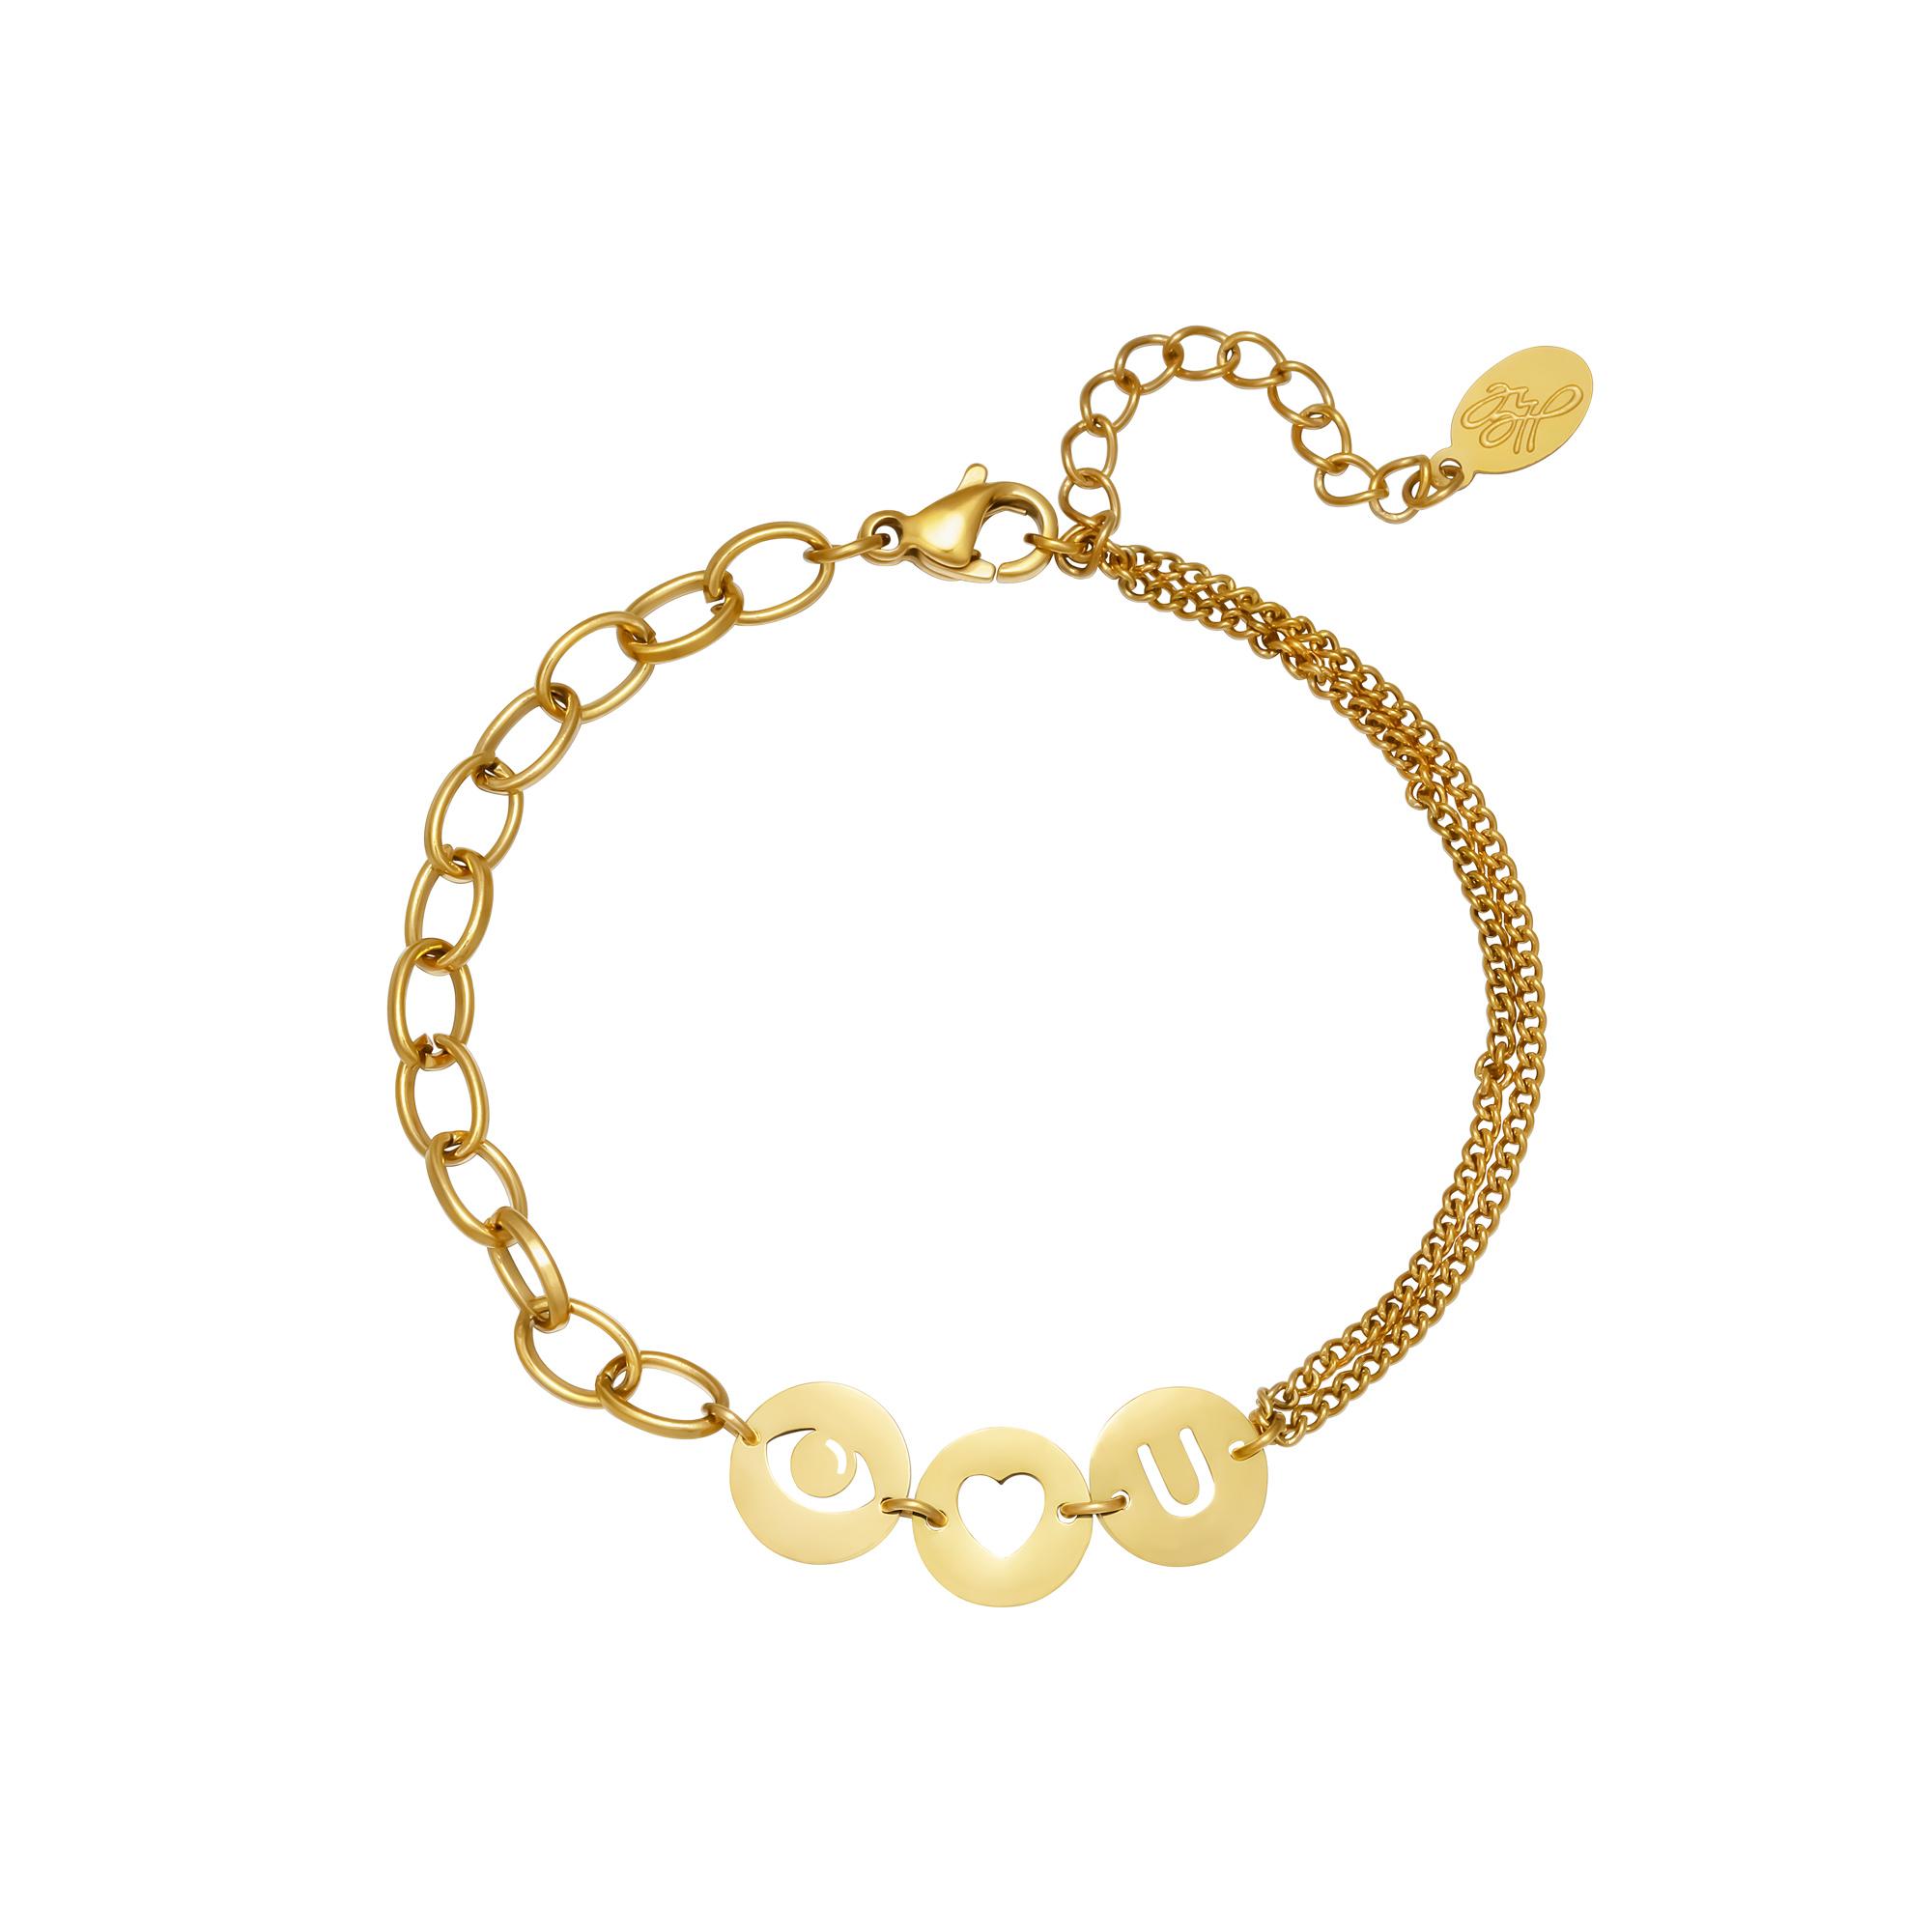 Armband I love you vergoldet